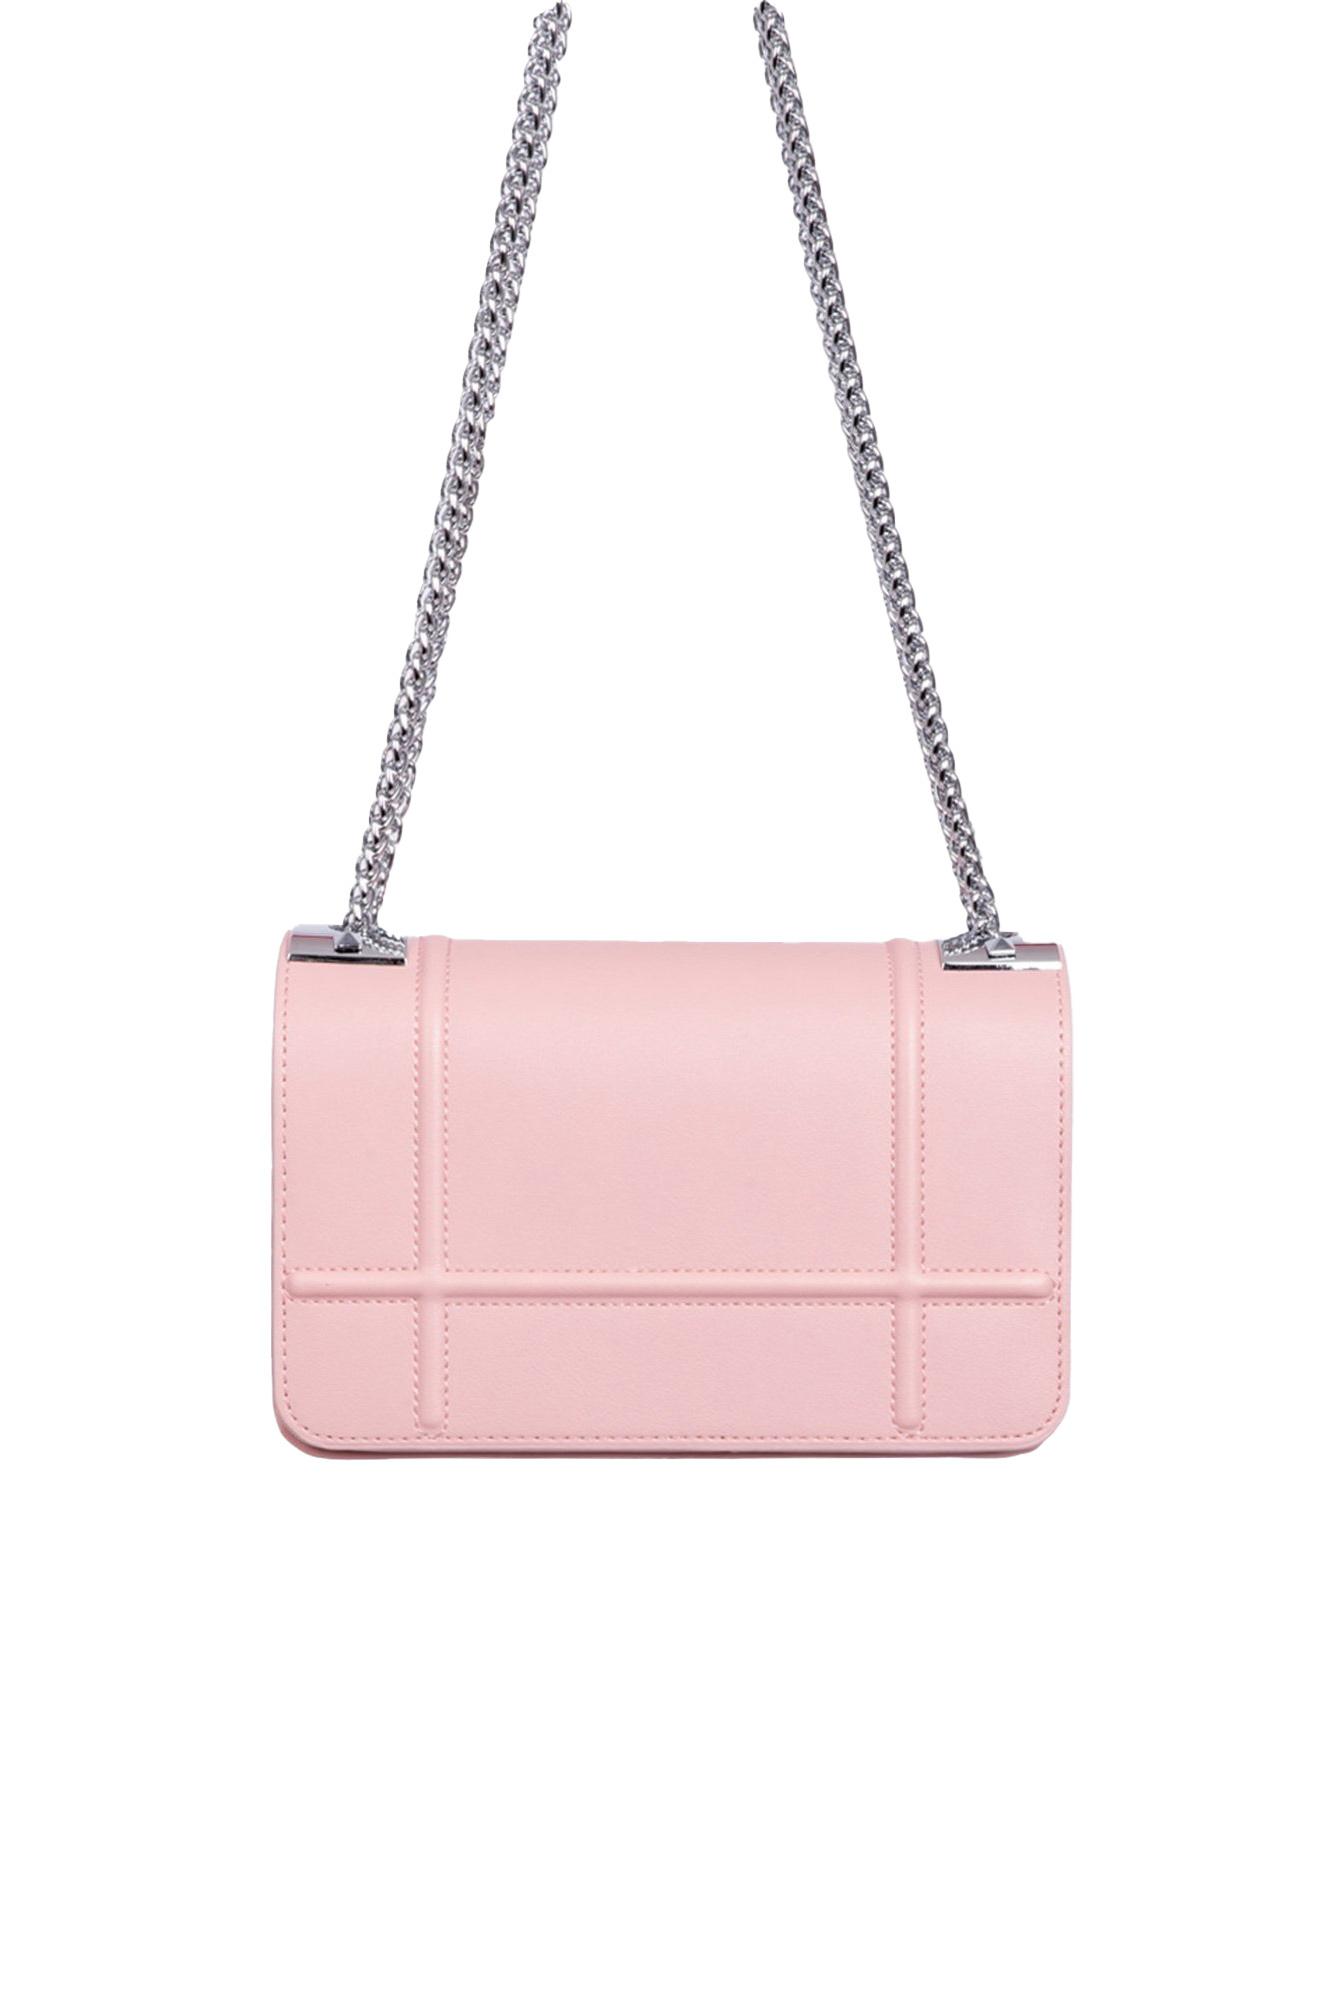 Lover bag pink